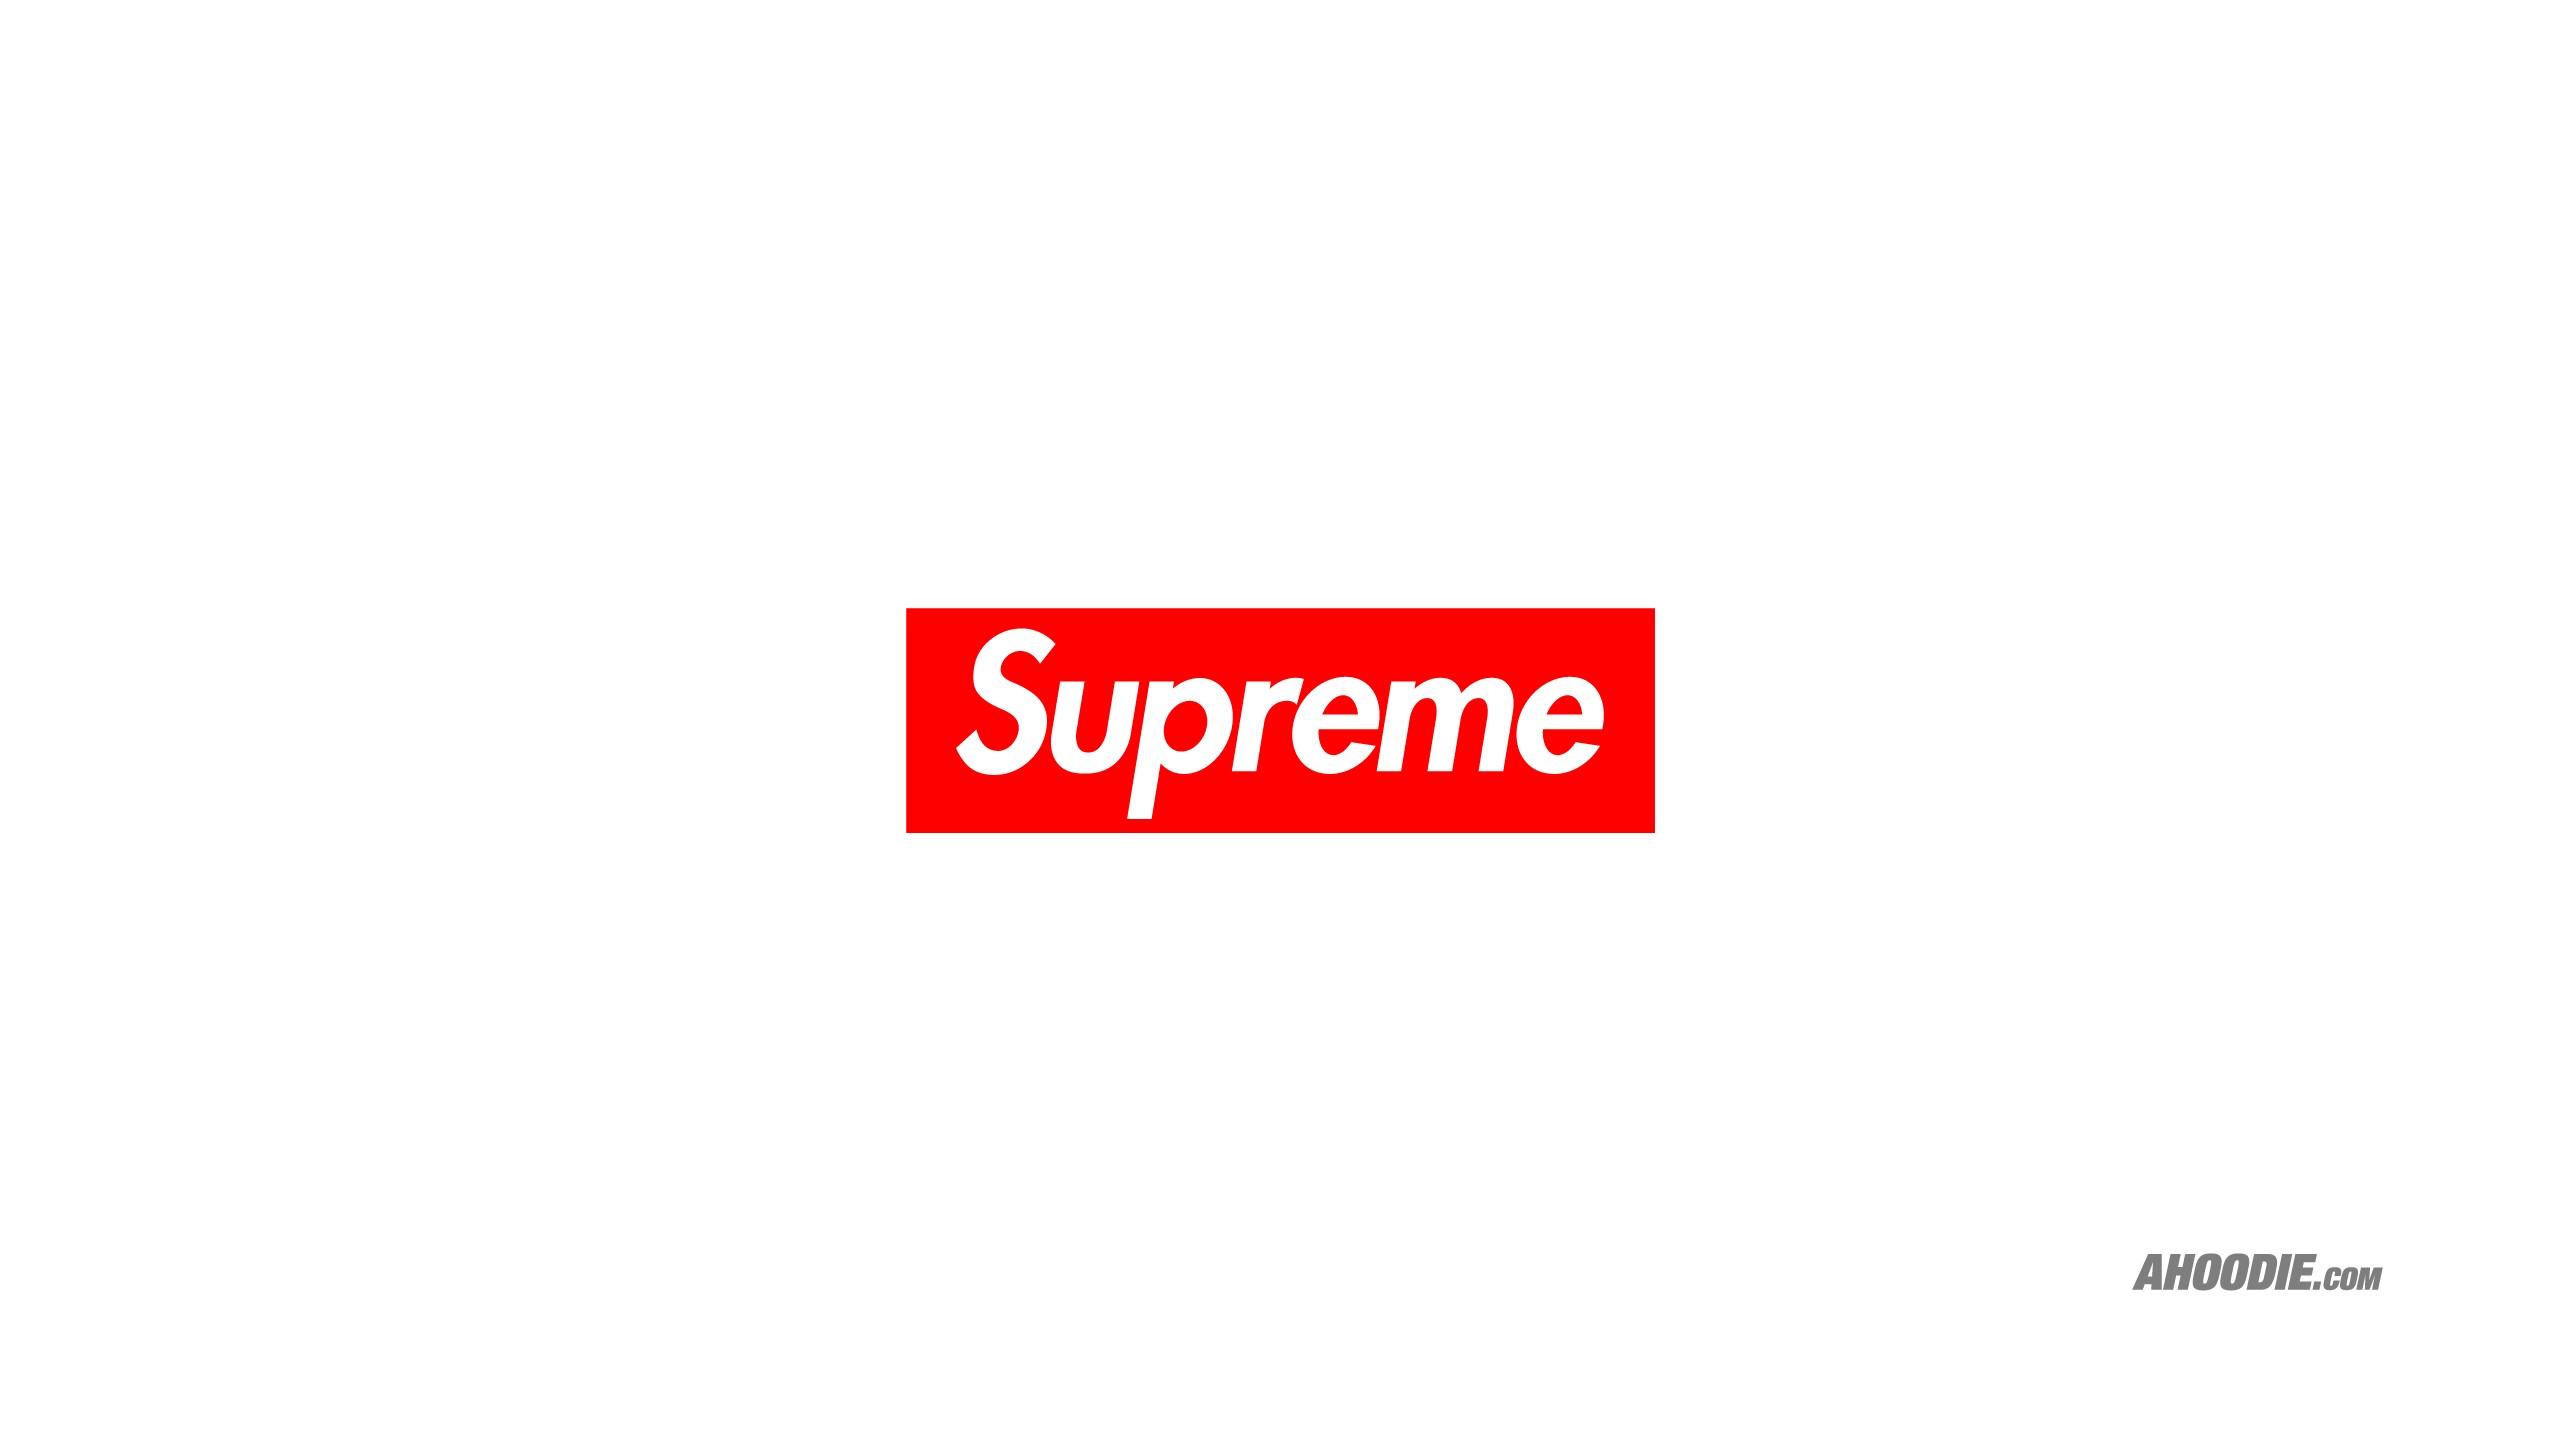 Supreme classic box logo wallpaper